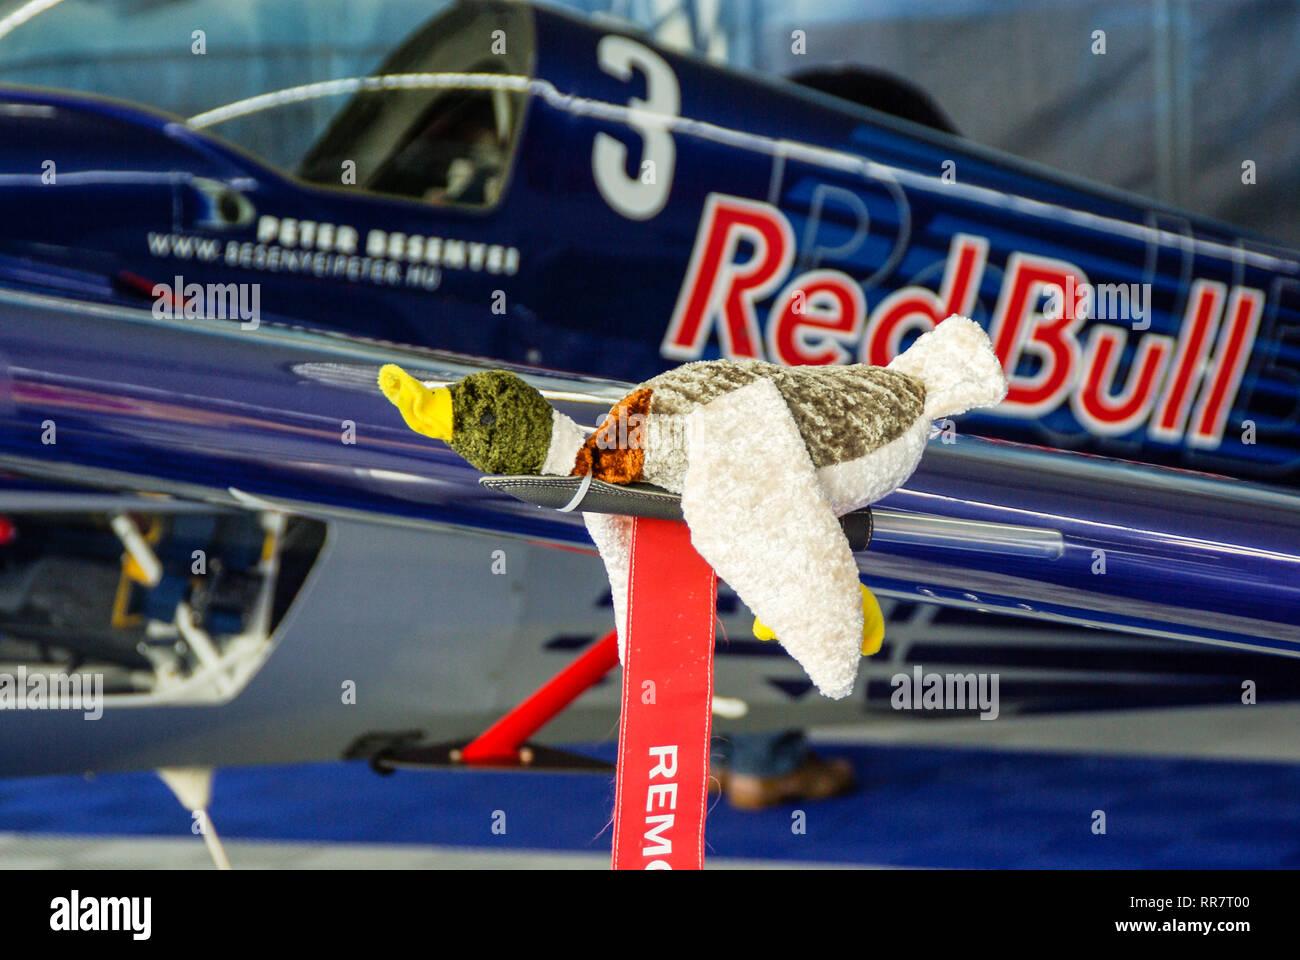 Red Bull Air Race piano di Peter Besenyei con anatra umoristico pitot coperchio testata Immagini Stock